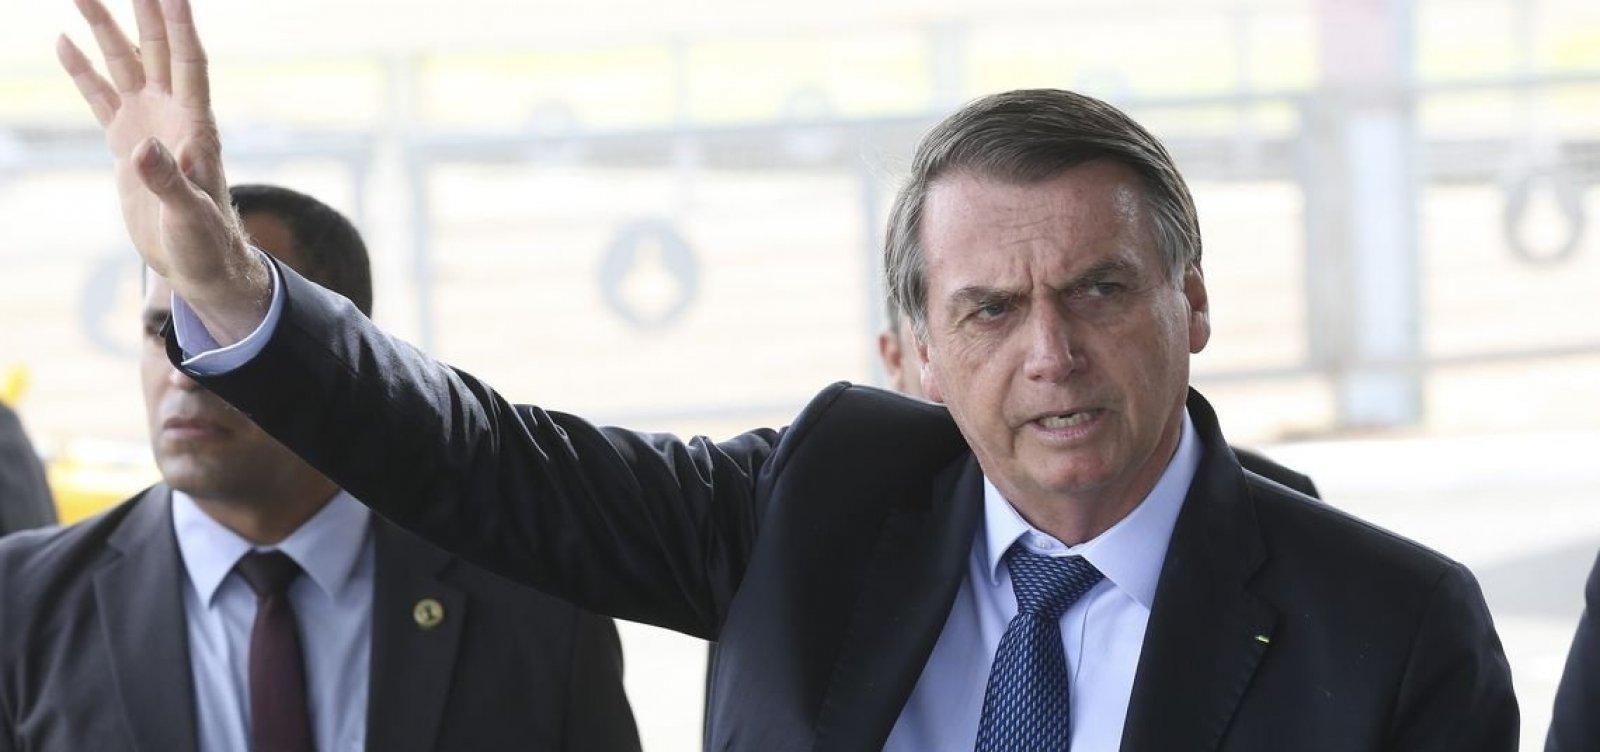 ['Um dos dois, ou os dois perderão a cabeça', diz Bolsonaro sobre funcionários de Economia]